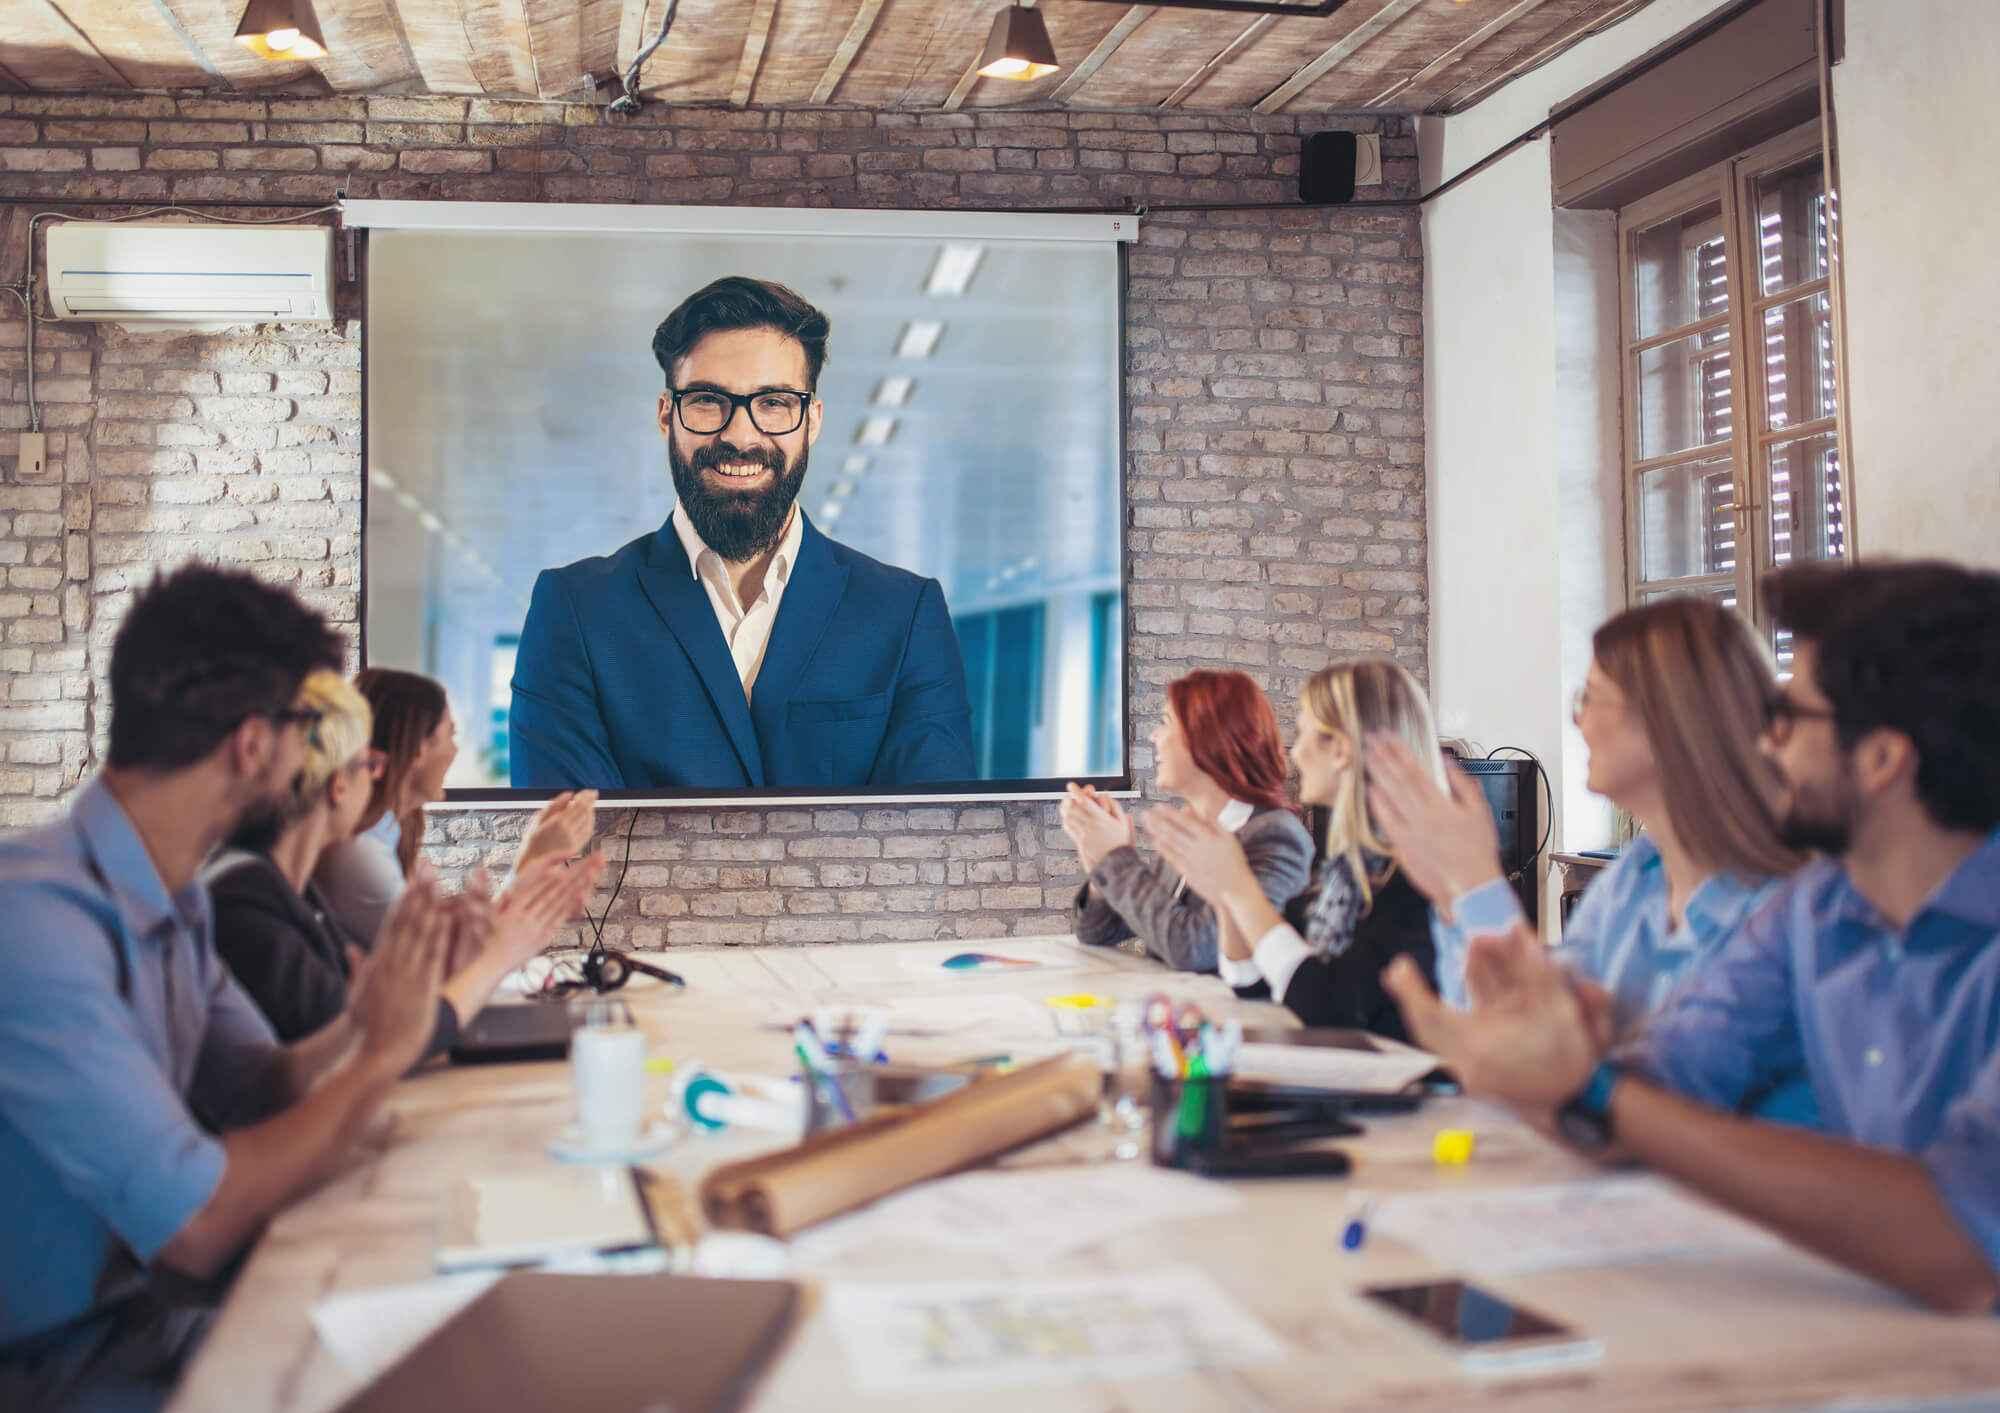 Conheça 5 motivos para adotar as videoconferências